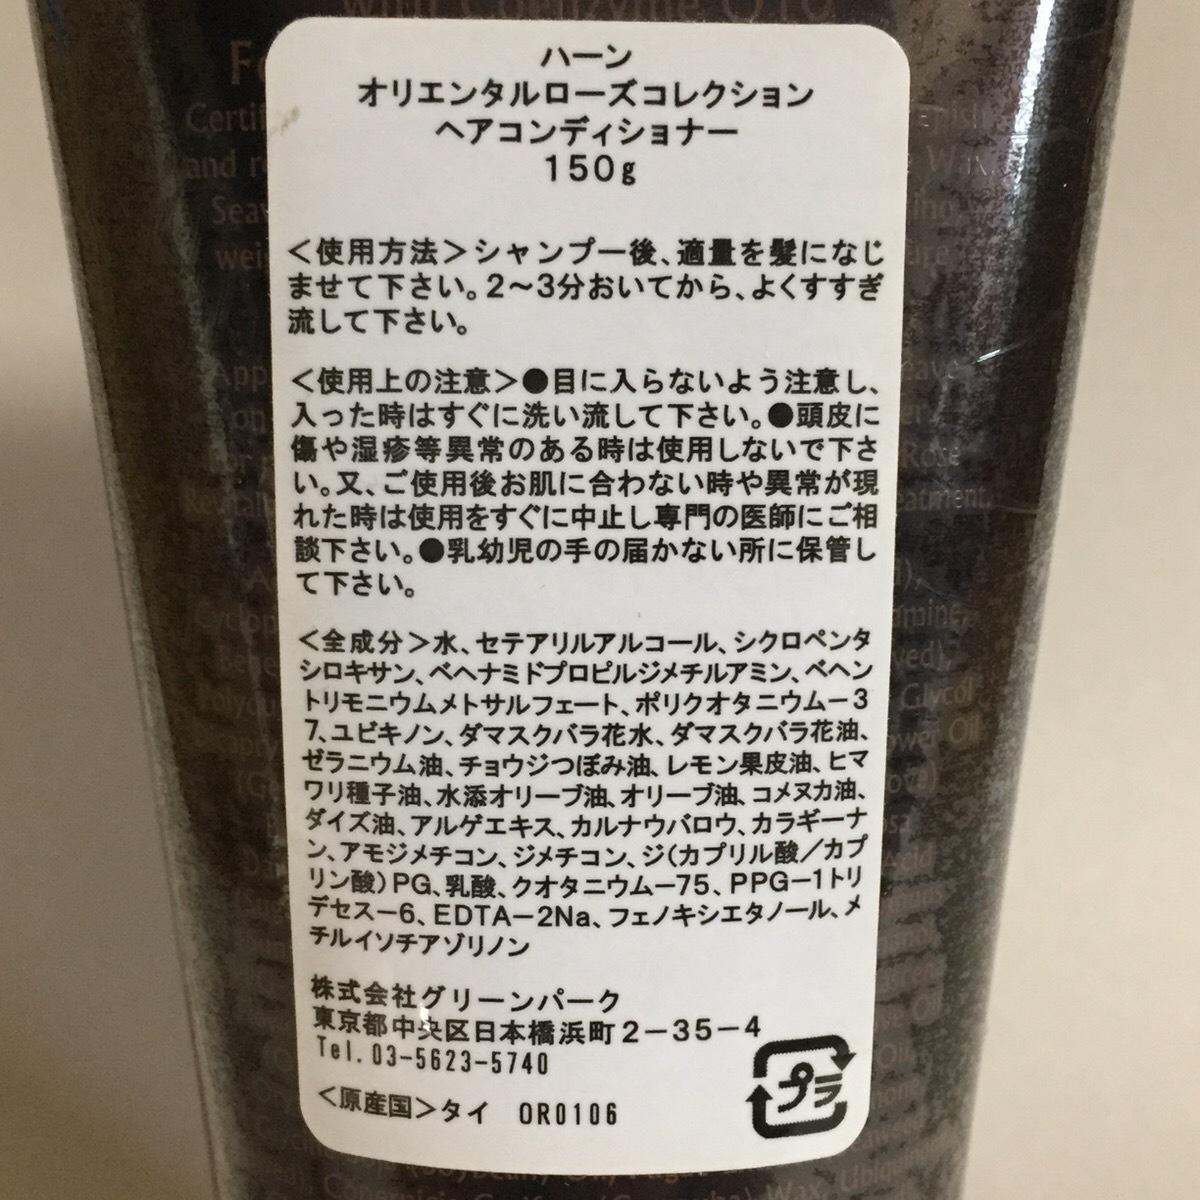 HARNN ハーン 化粧品 訳あり 18点セット 化粧水 ボディーオイルスプレー モイスチャライザーハンドクリーム コンディショナー デイクリーム_画像9